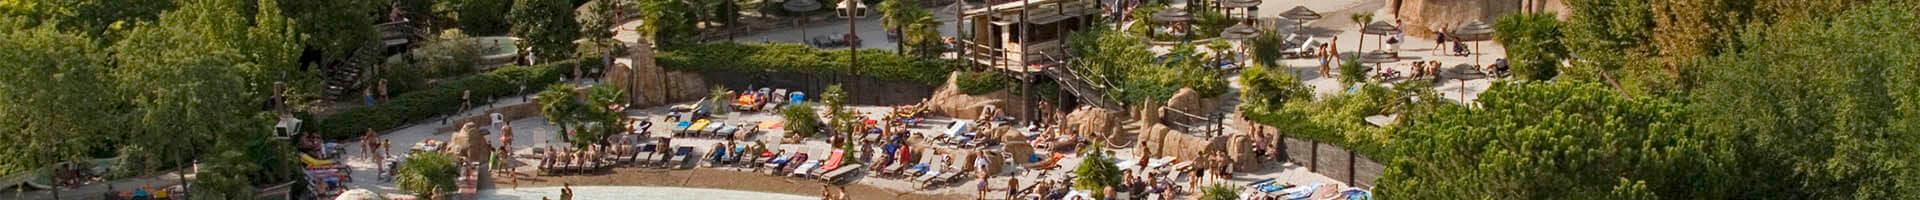 HOTEL + MOVIELAND & CANEVA AQUAPARK